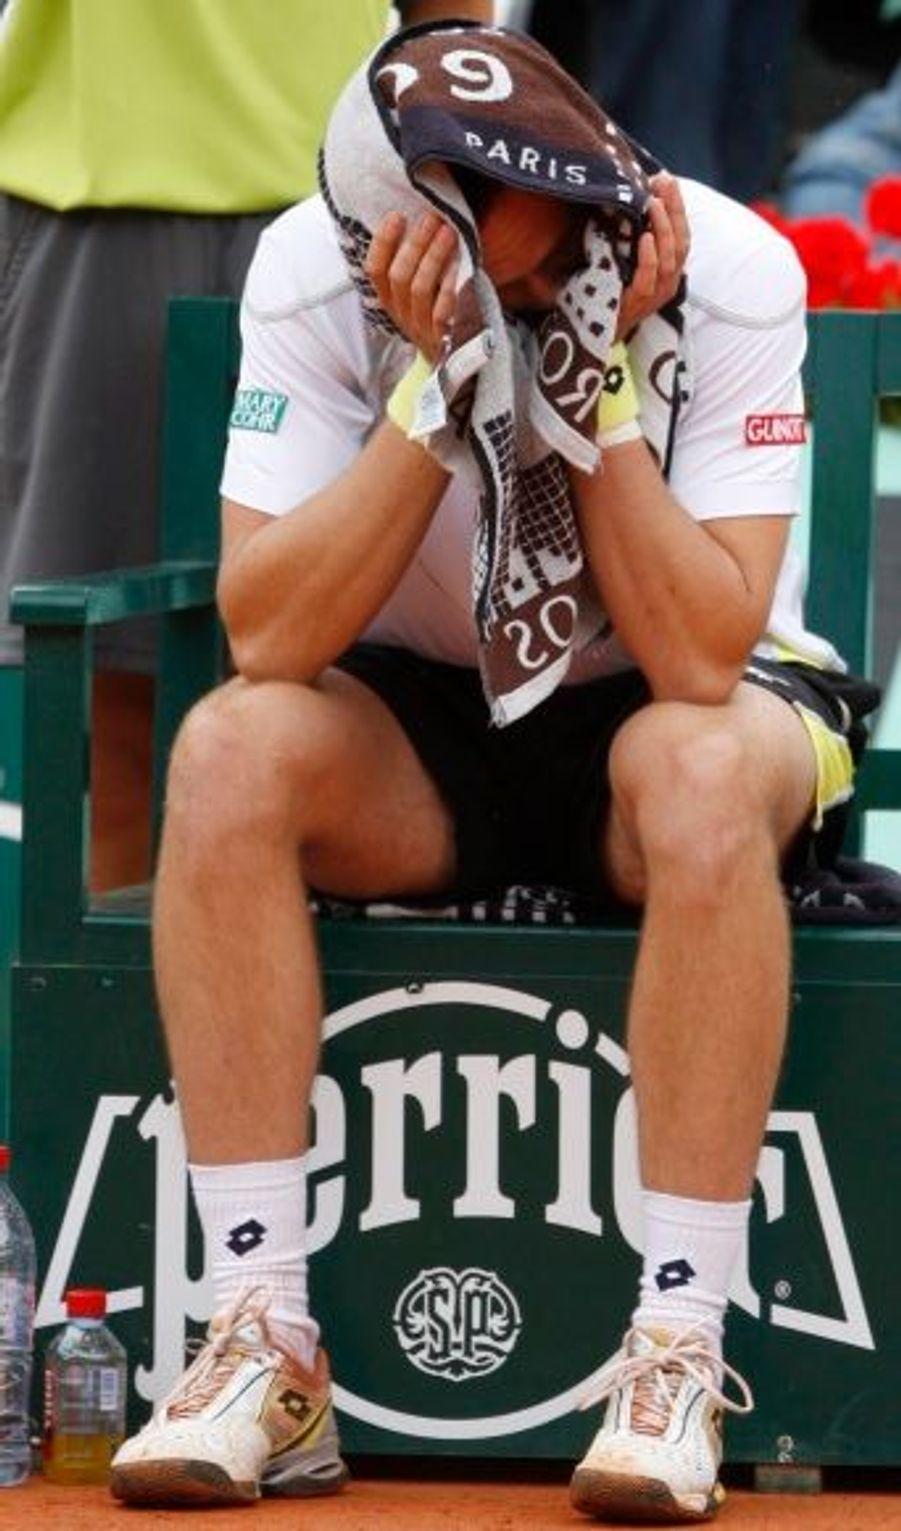 Après son échec face à Roger Federer, le suédois Söderling accuse le coup.